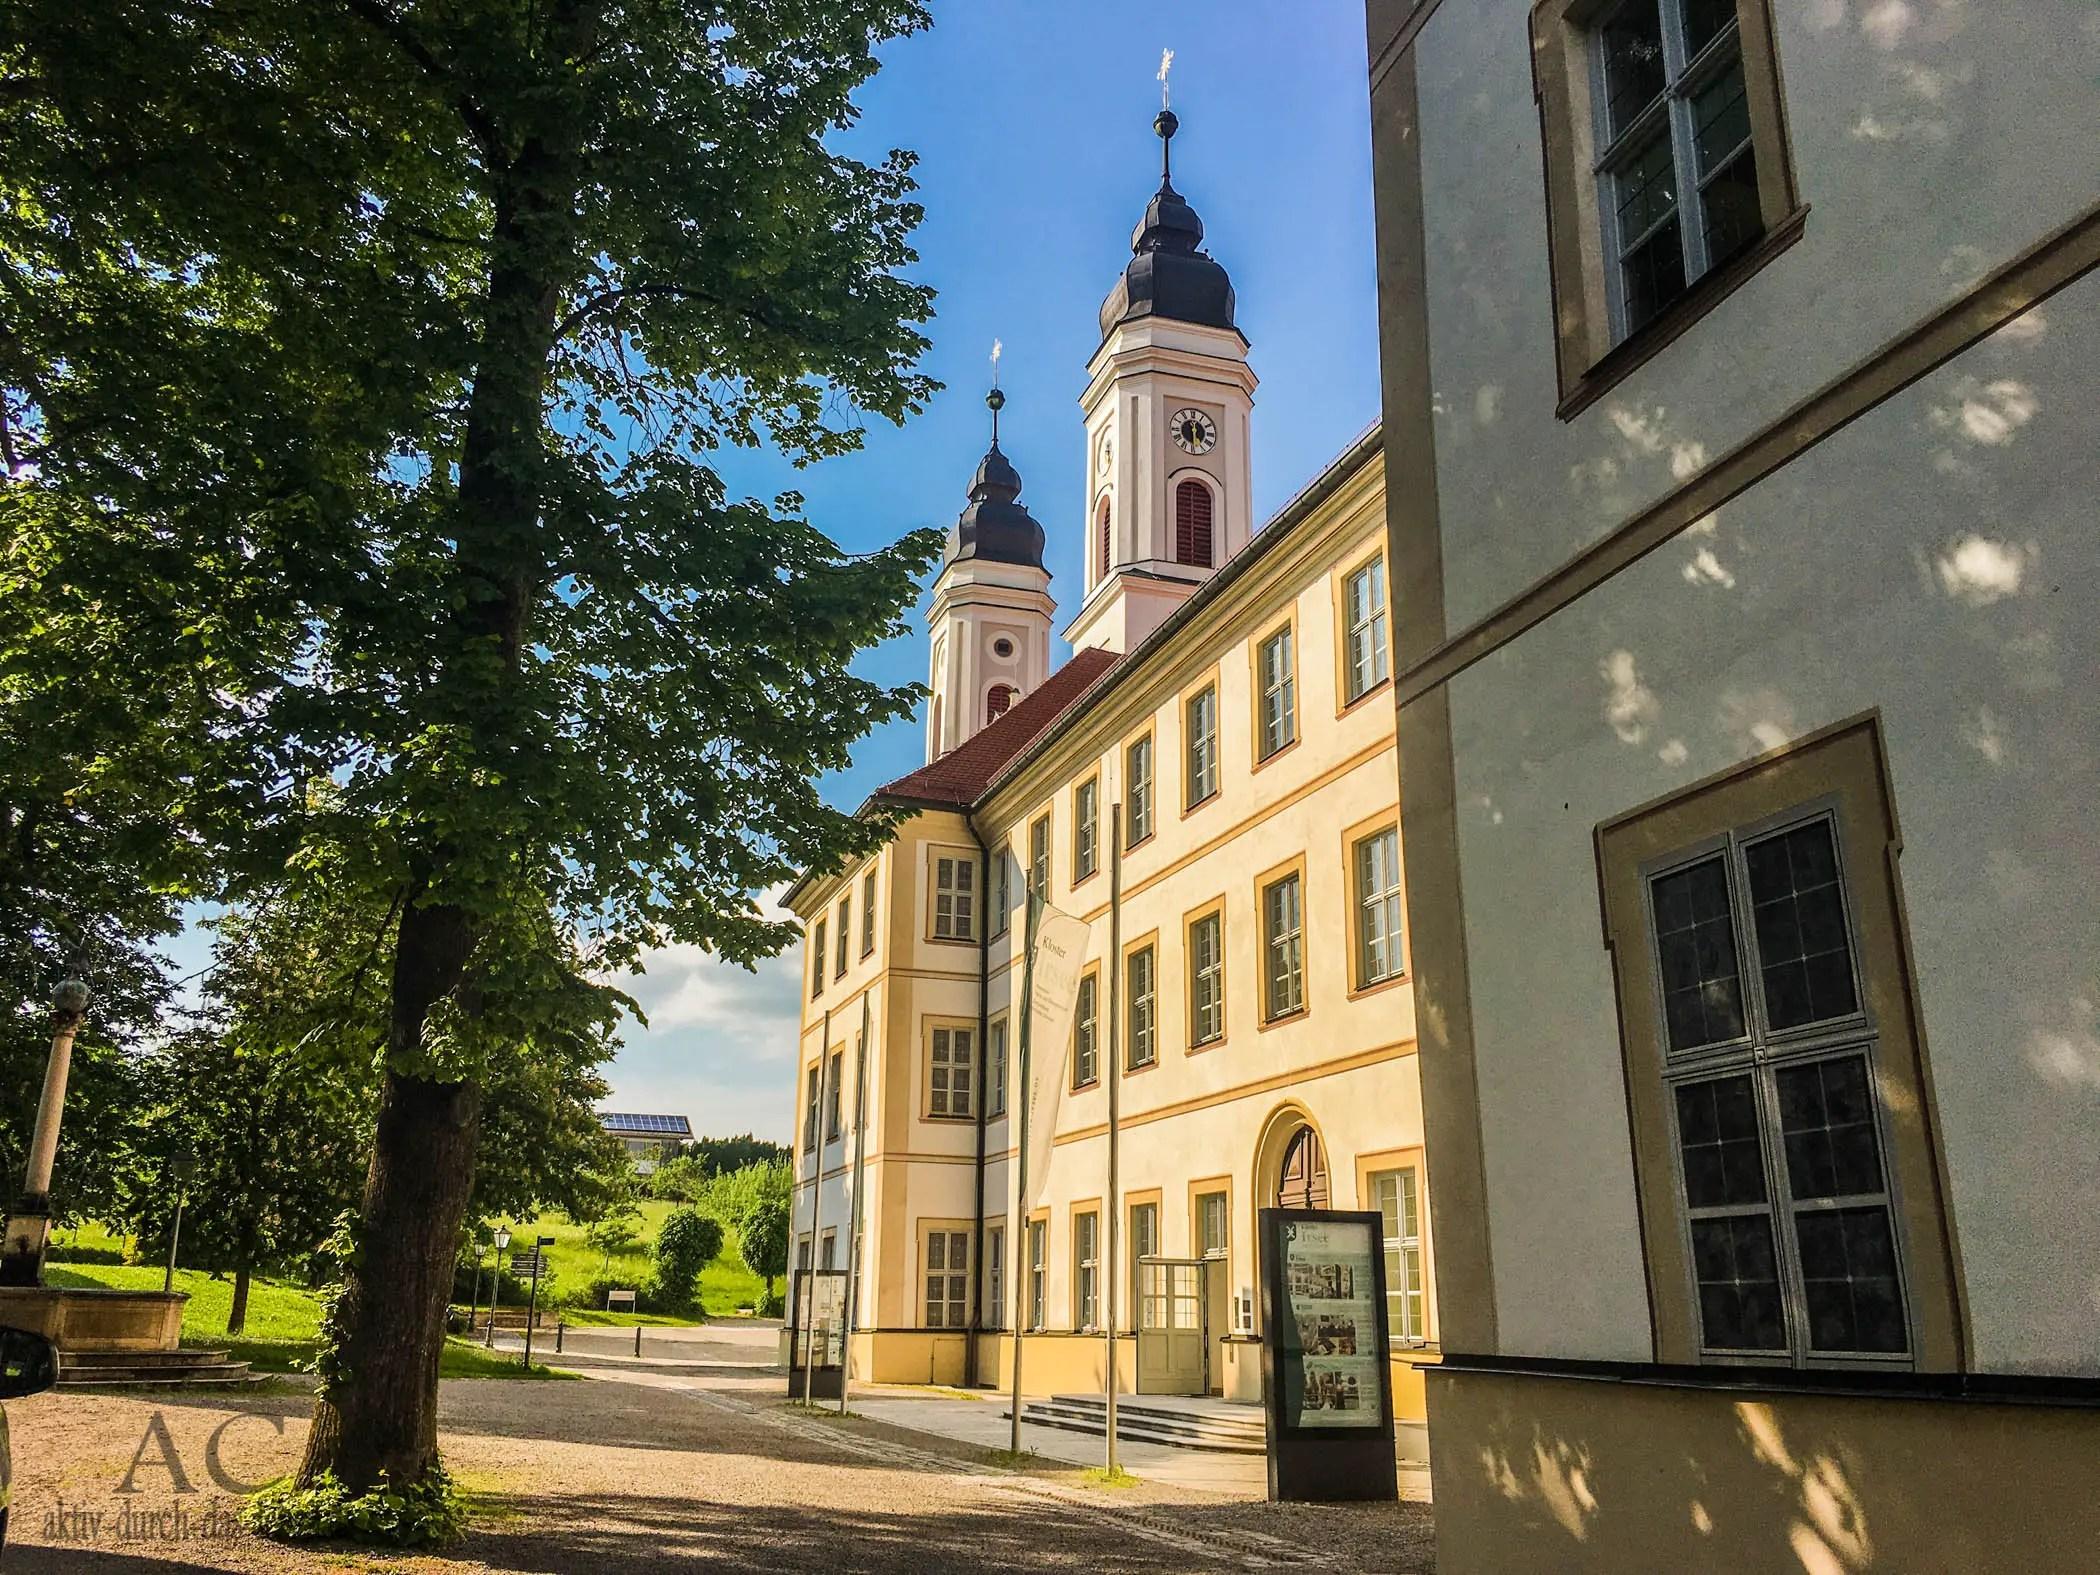 Wandertrilogie Allgäu – Das Kloster Irsee – Porta patet, die Tür steht offen!